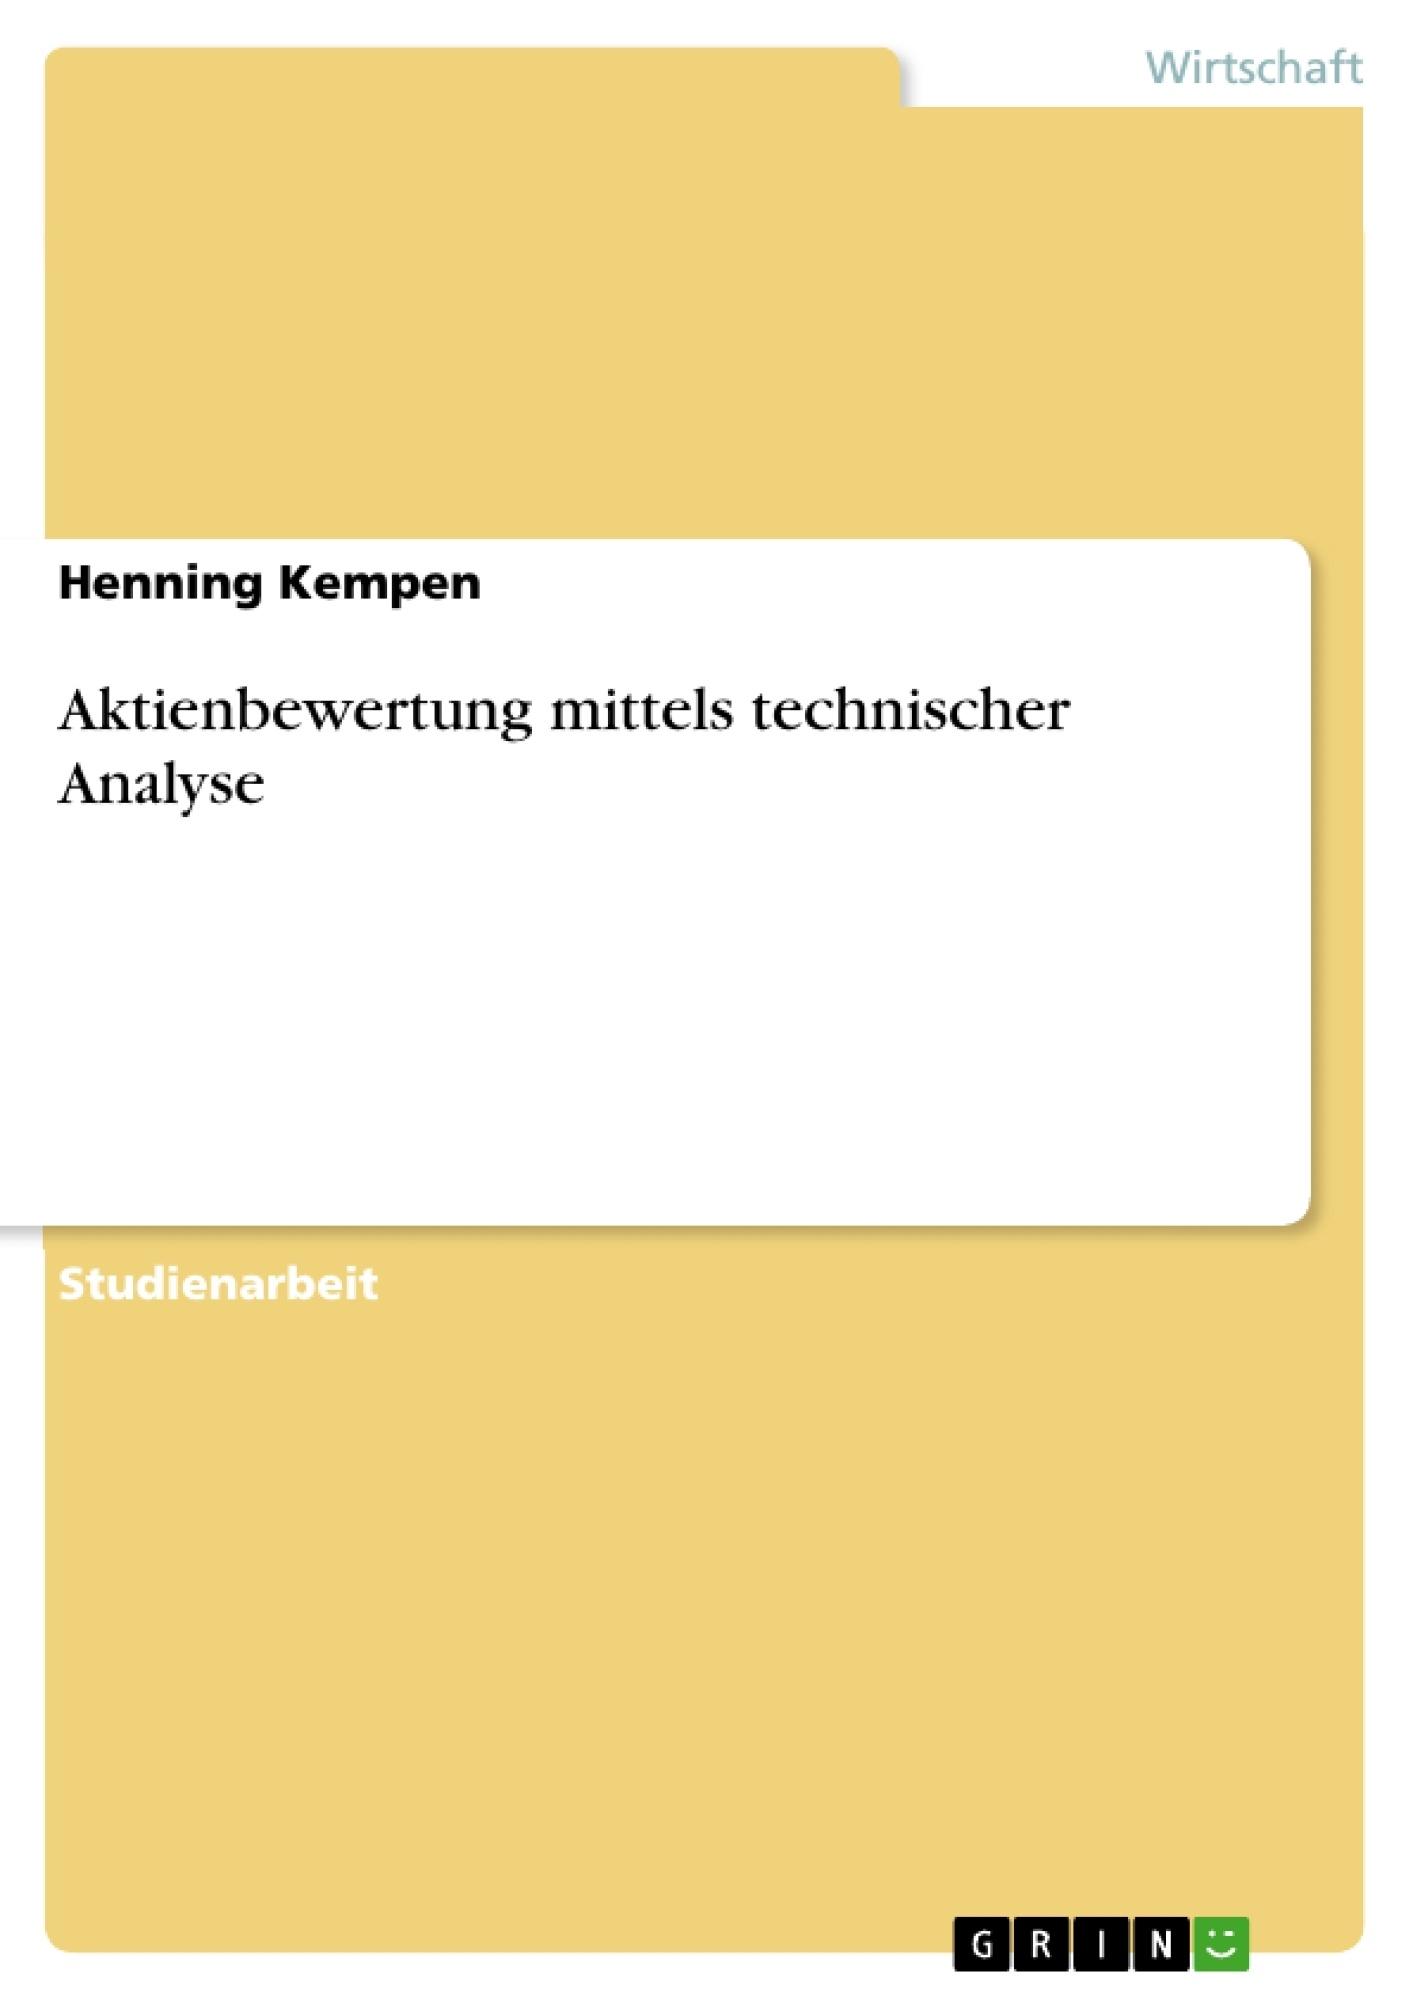 Titel: Aktienbewertung mittels technischer Analyse